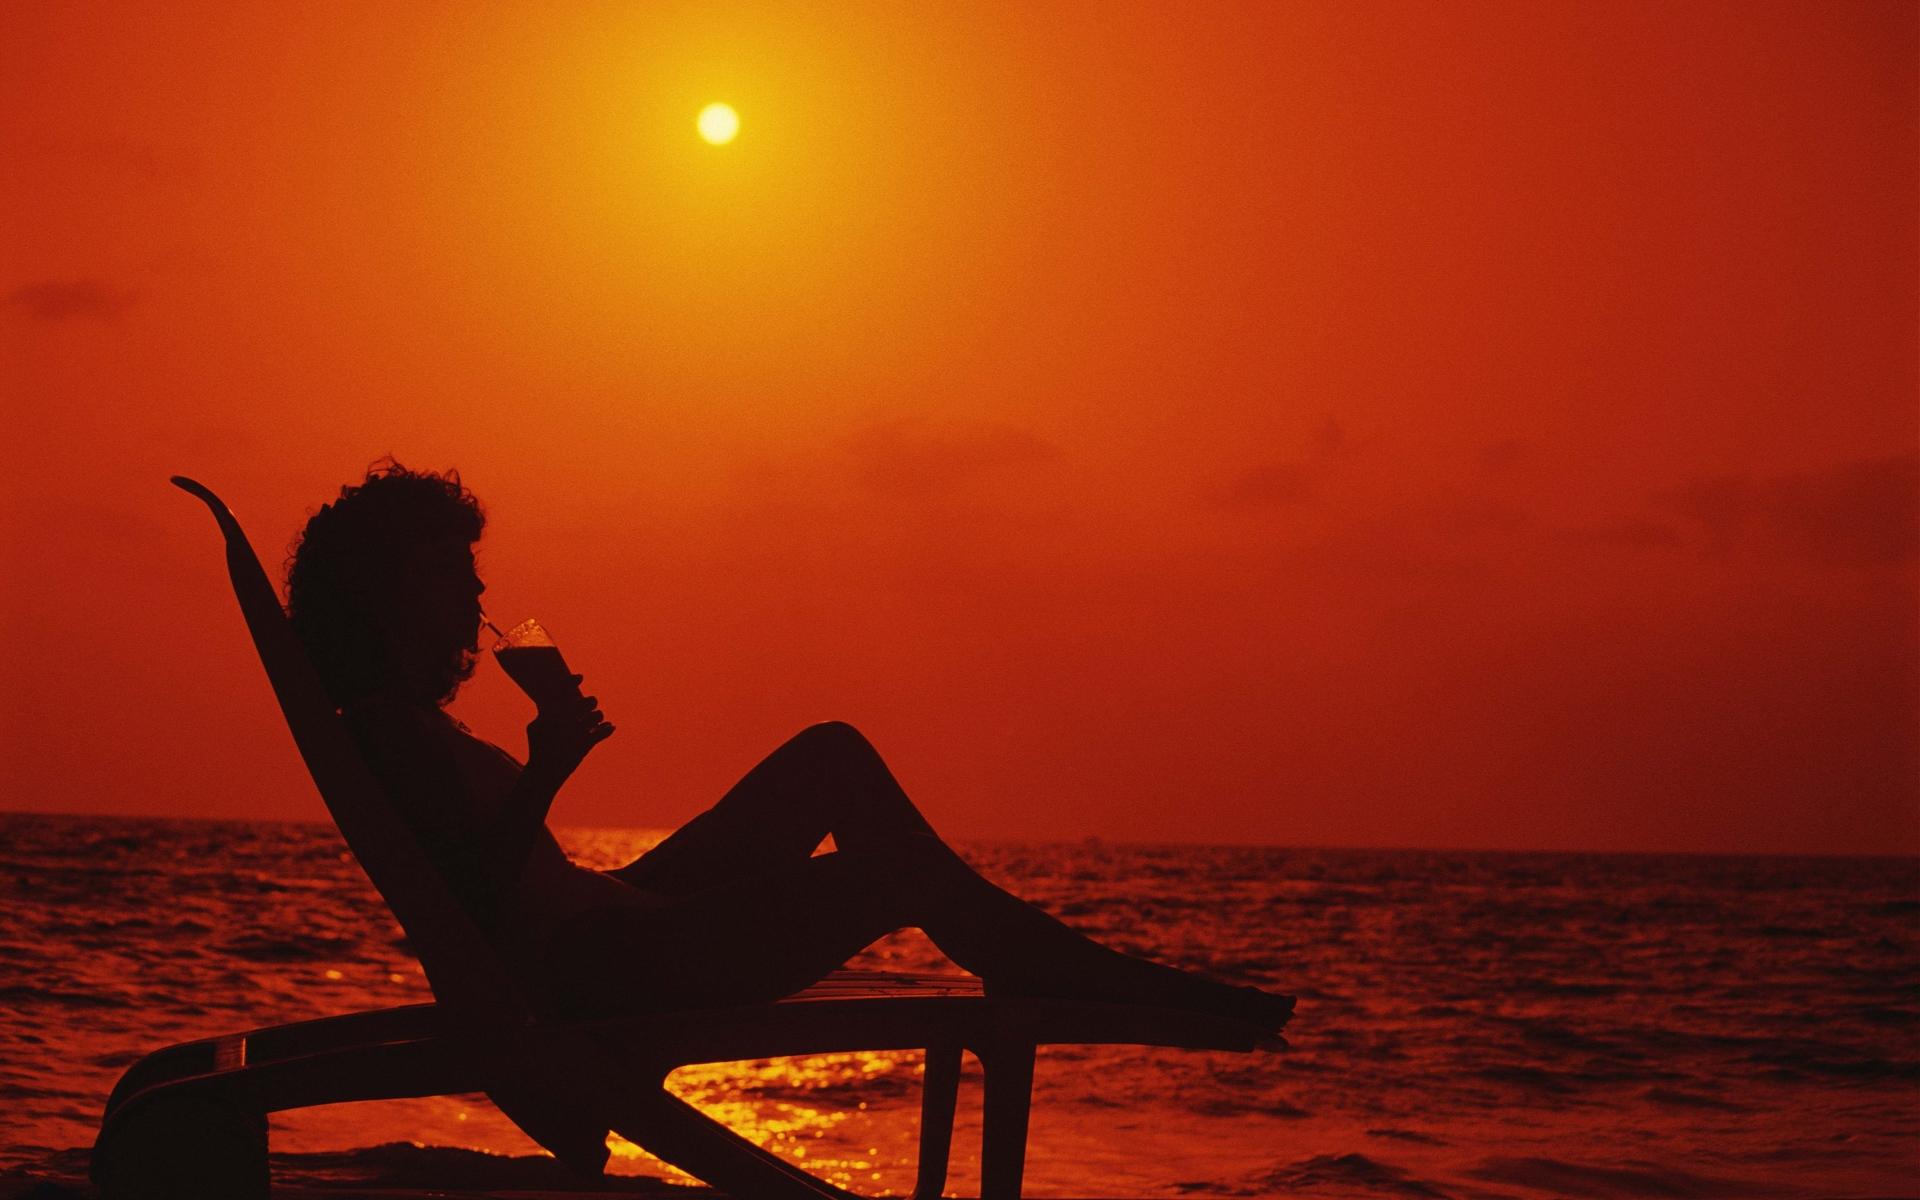 быстро женщины на пляже с солнцем ночью любительские фото полежав